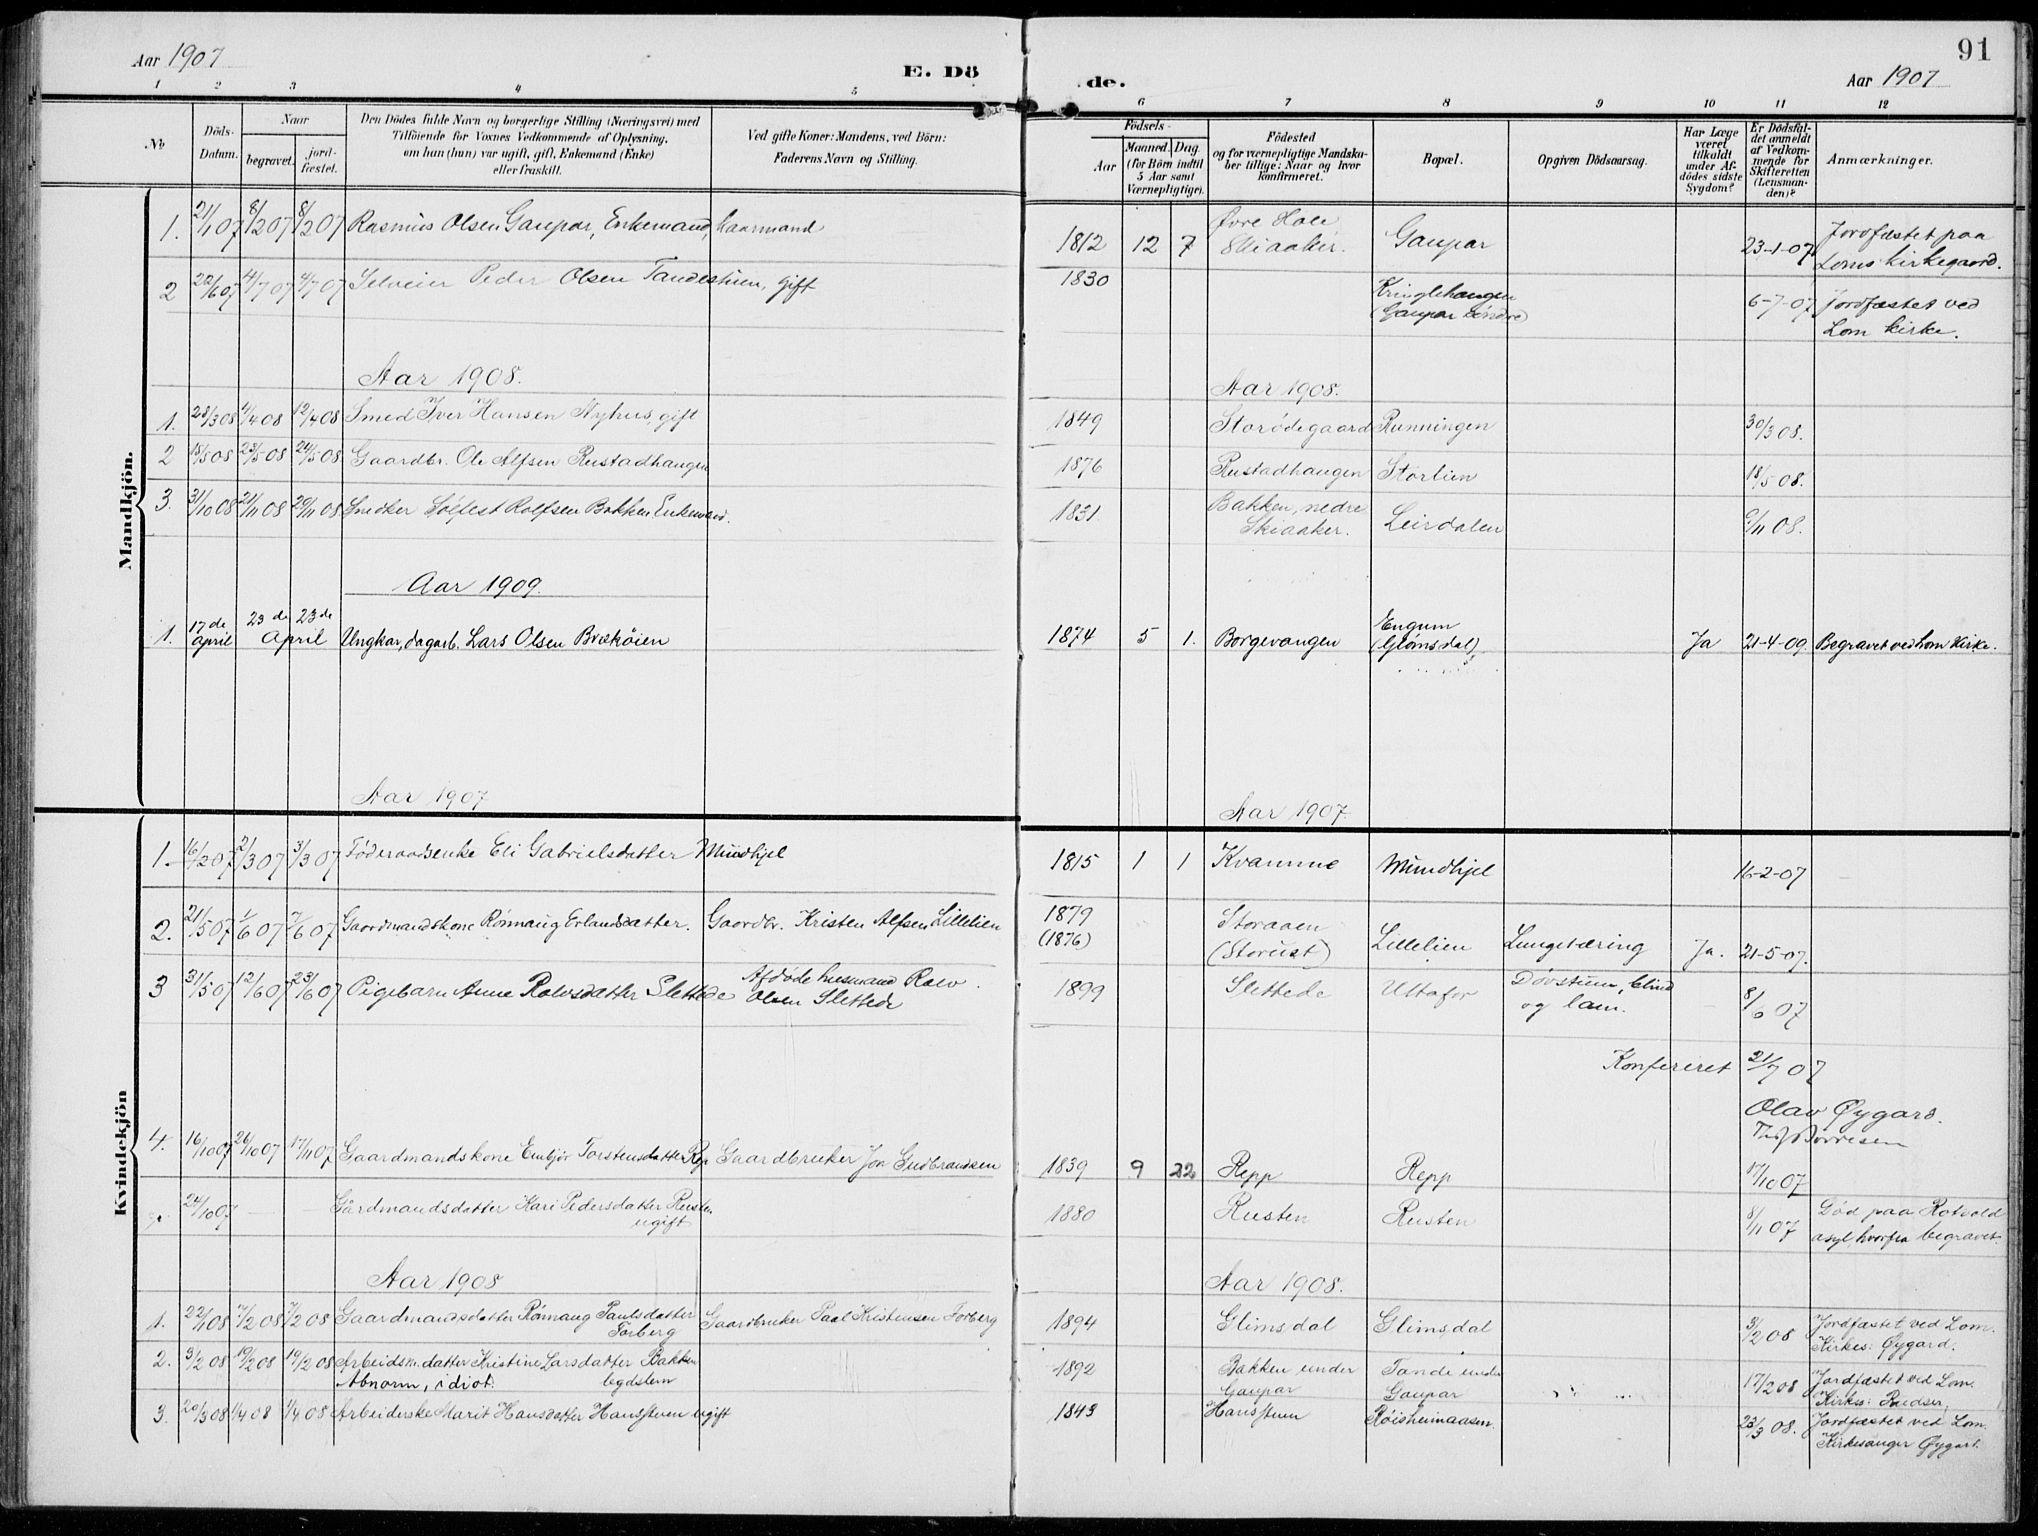 SAH, Lom prestekontor, L/L0007: Klokkerbok nr. 7, 1904-1938, s. 91